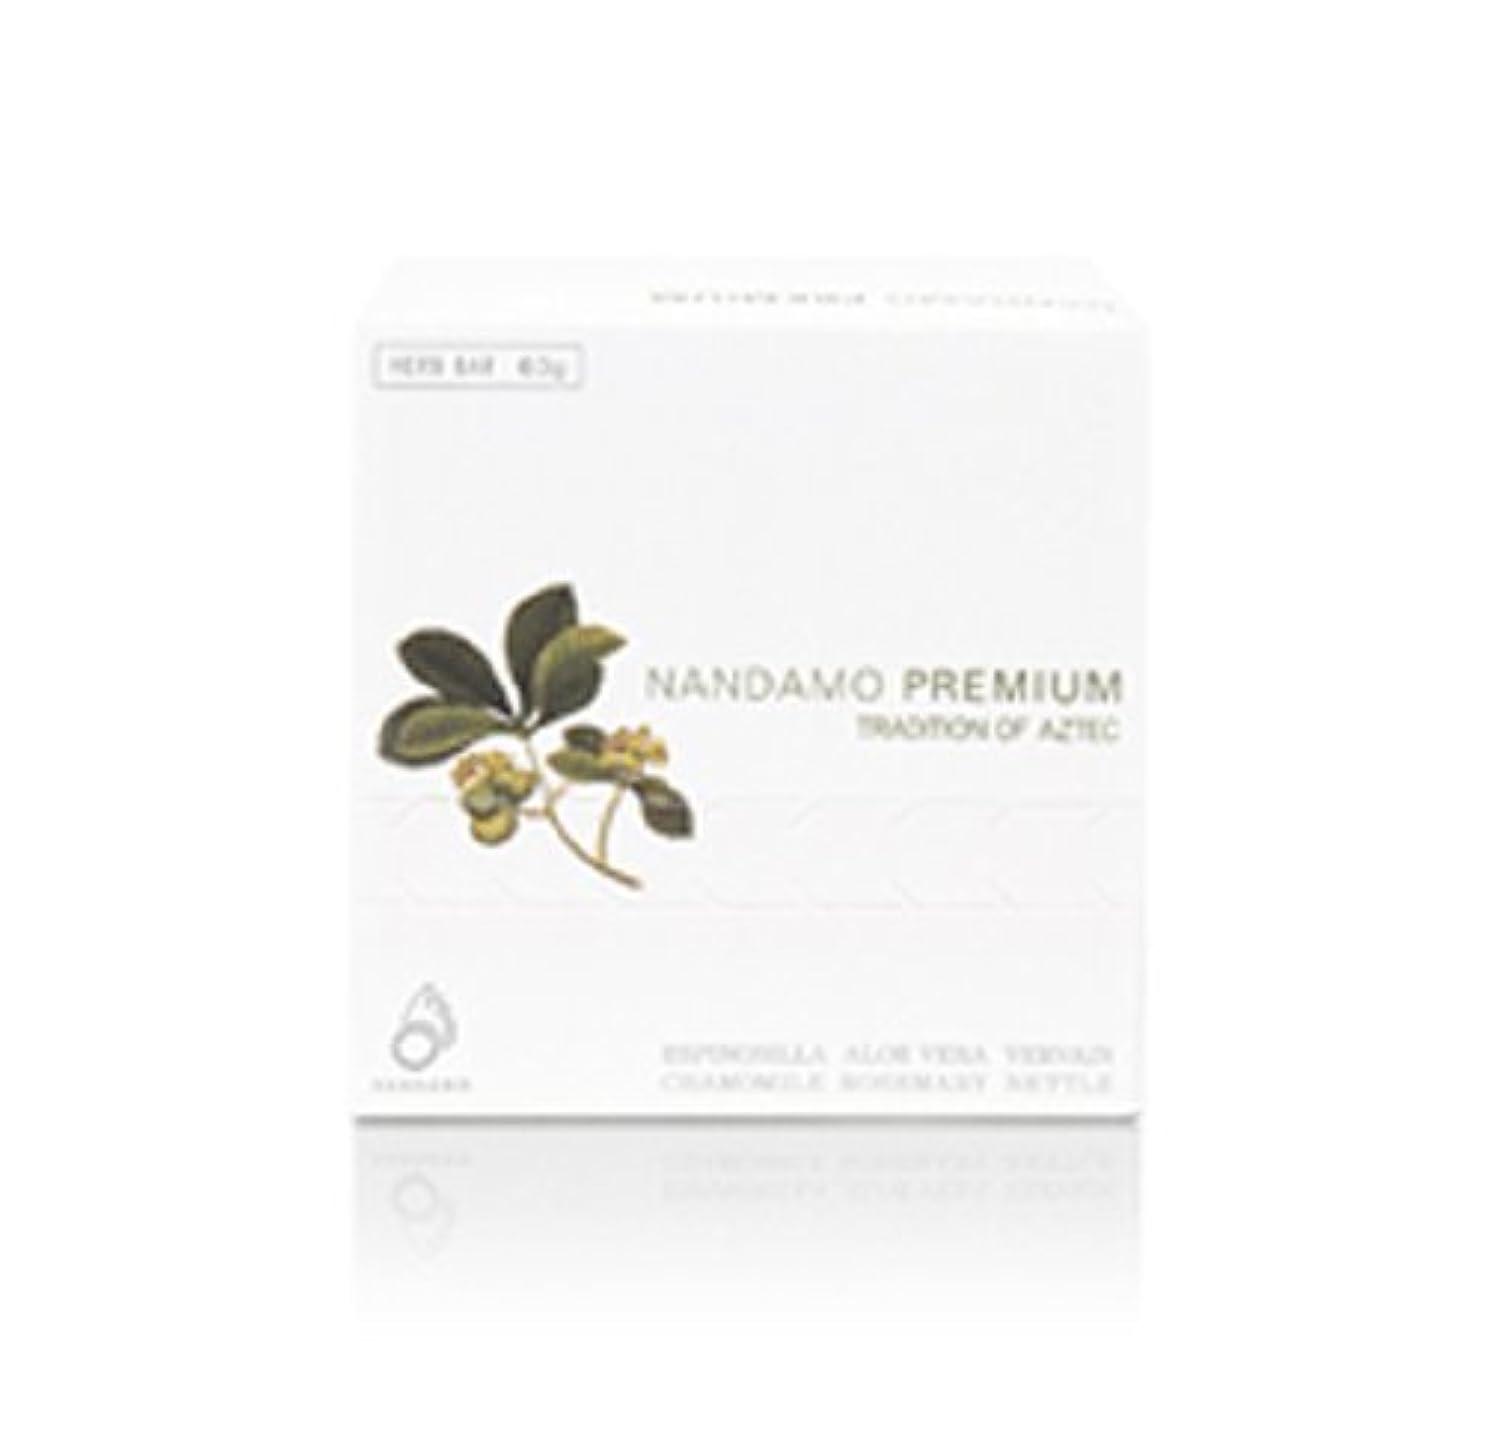 上衰えるすずめNANDAMO PREMIUM(ナンダモプレミアム)ナンダモプレミアム60g